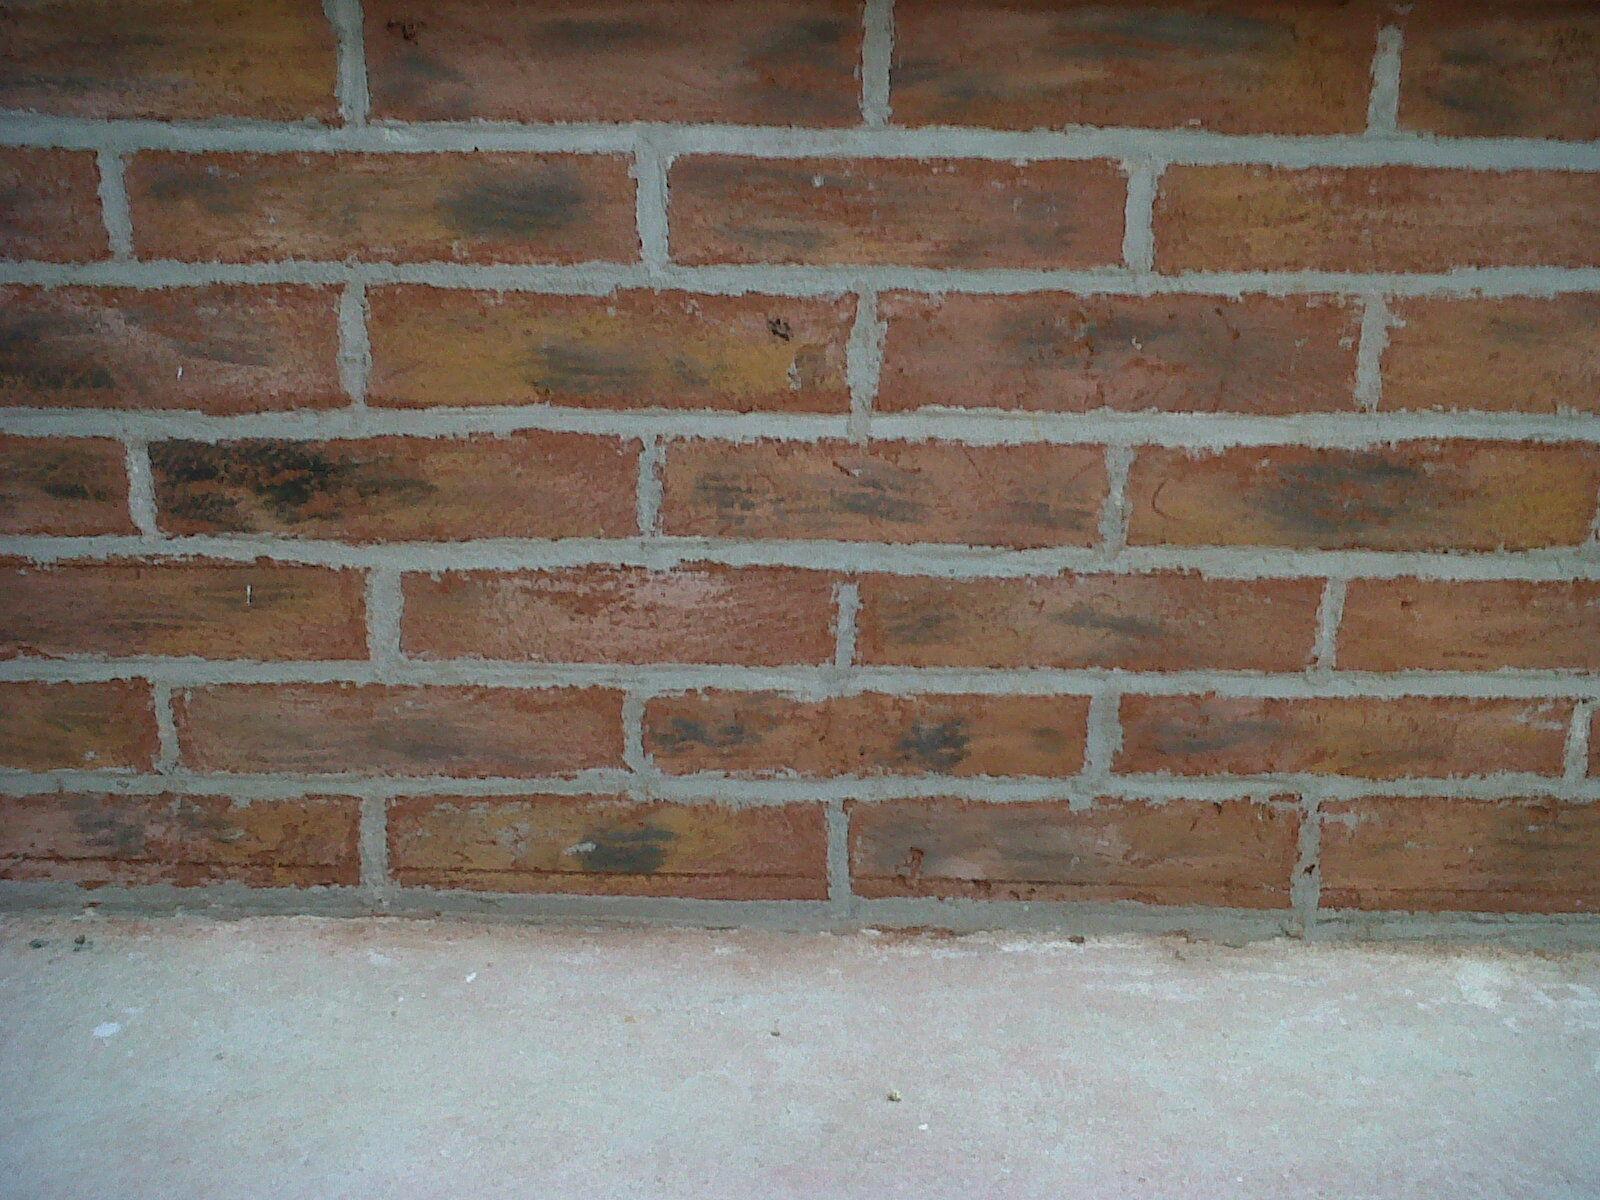 Fausses briques jointées et patinées